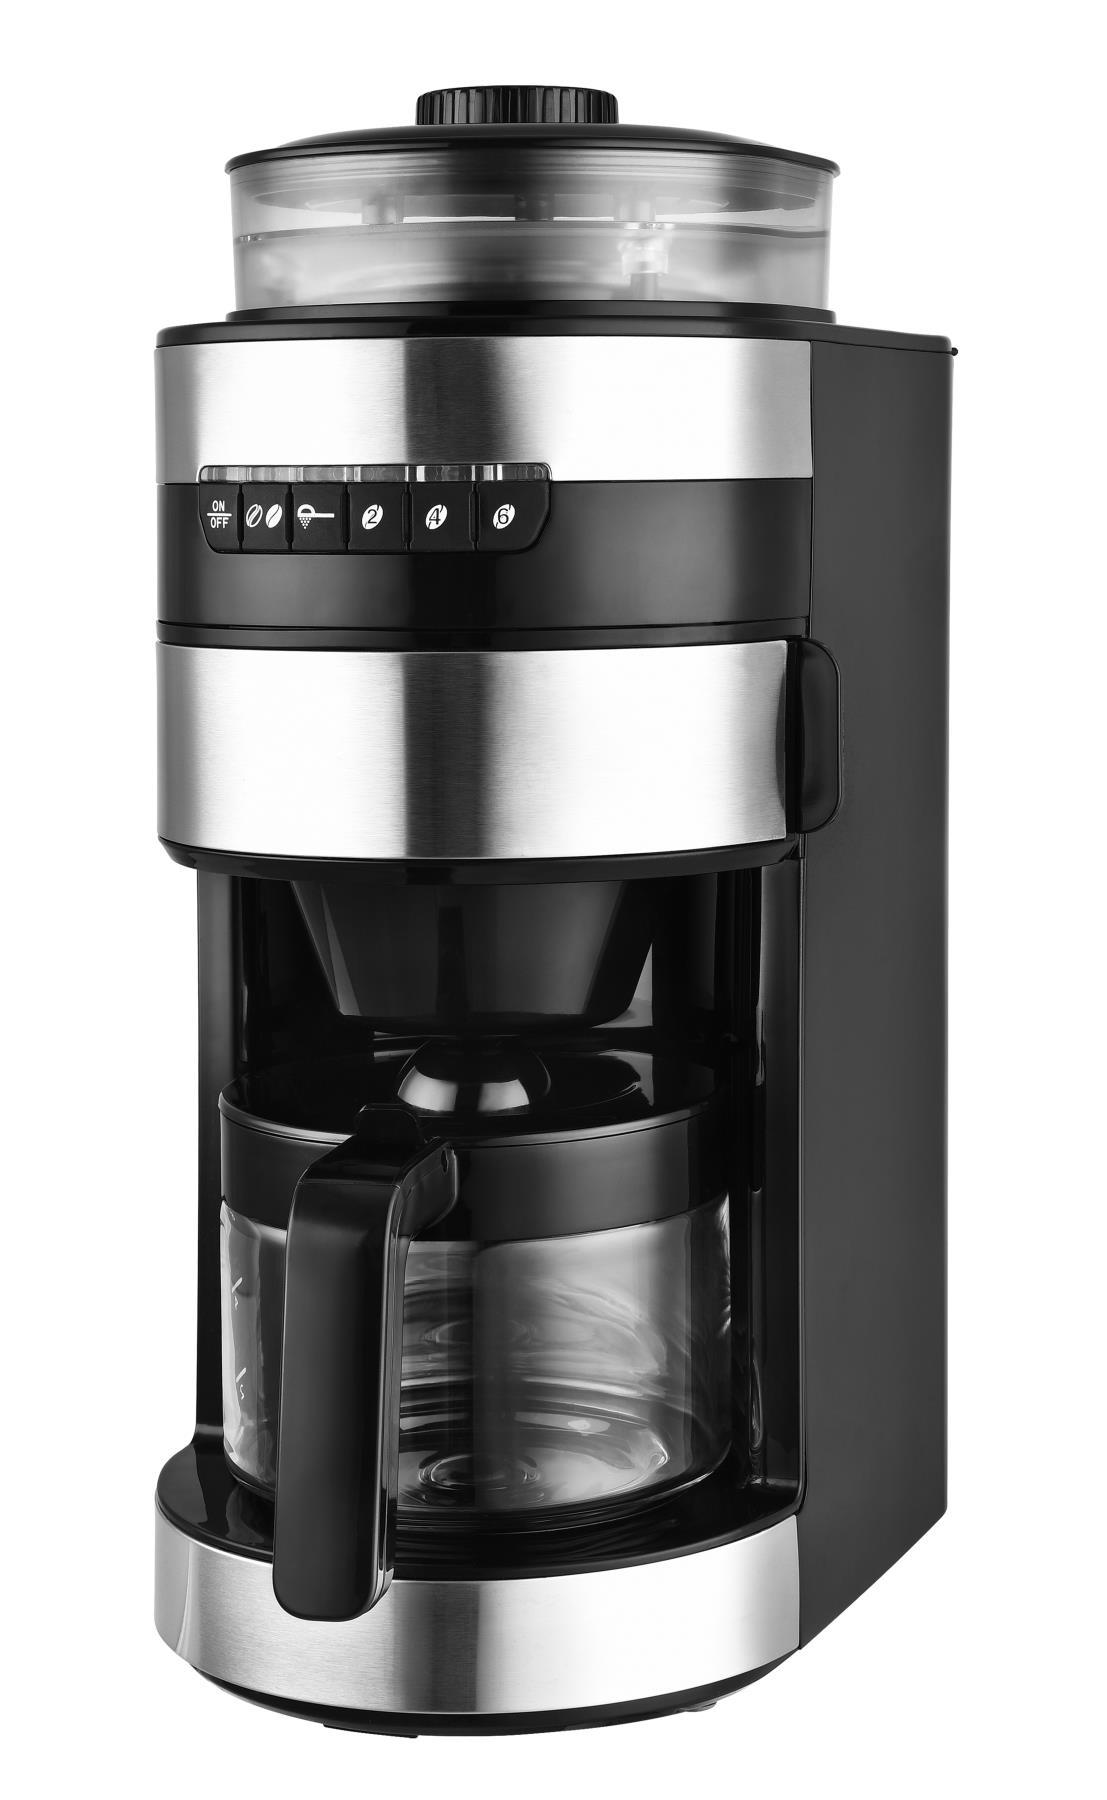 Kaffeeautomat Filterkaffeemaschine mit Mahlwerk 0,75L (Karton beschädigt)*81319